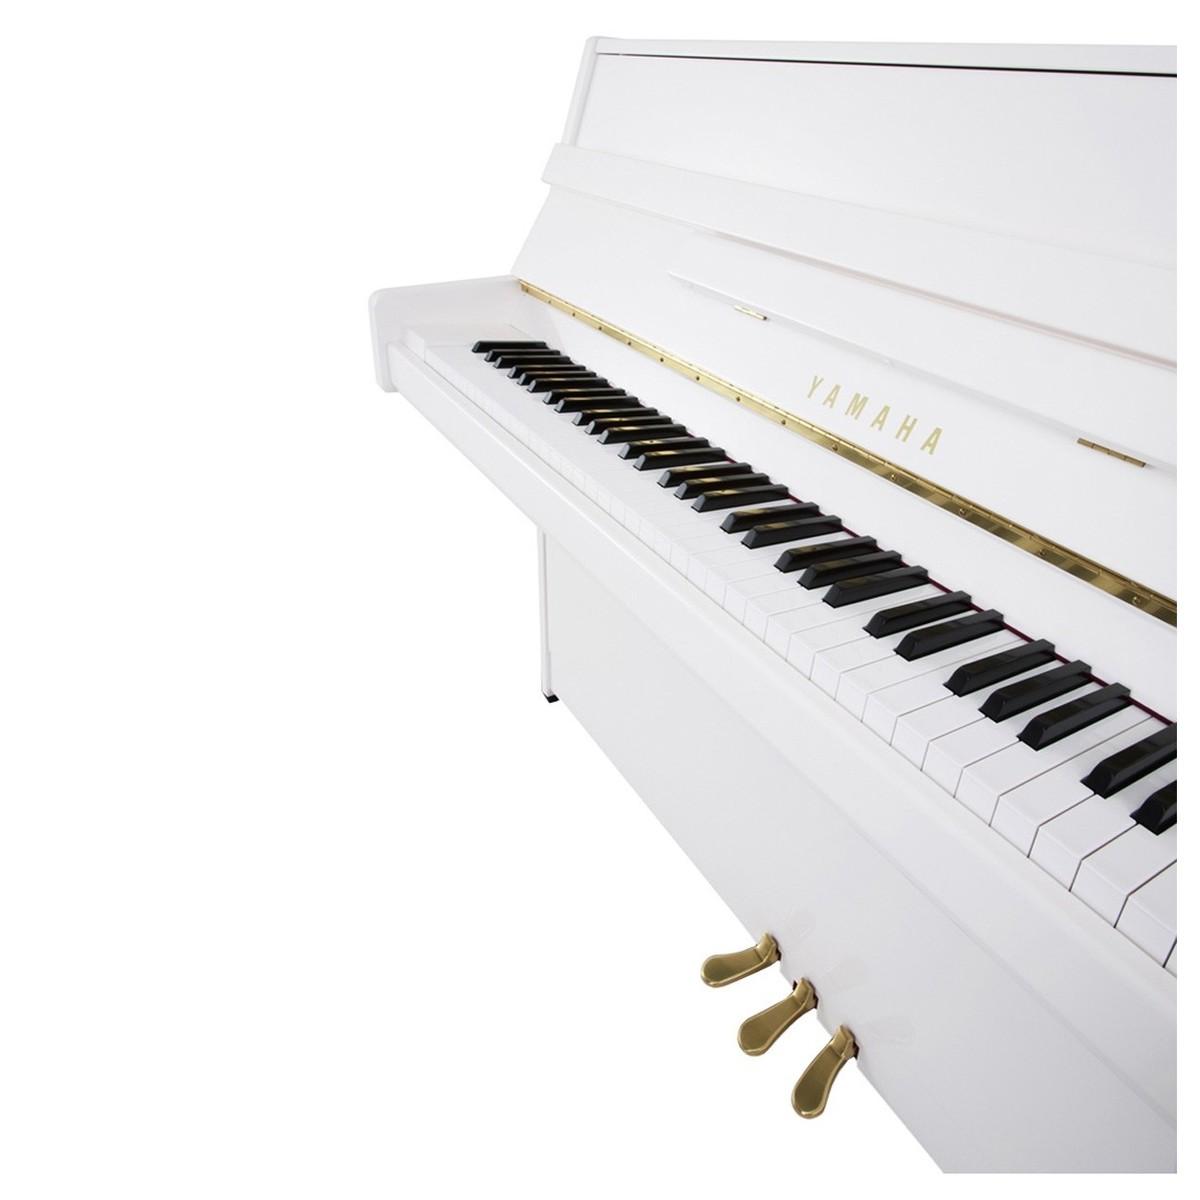 Yamaha b1 upright acoustic piano polished white at for Yamaha acoustic pianos